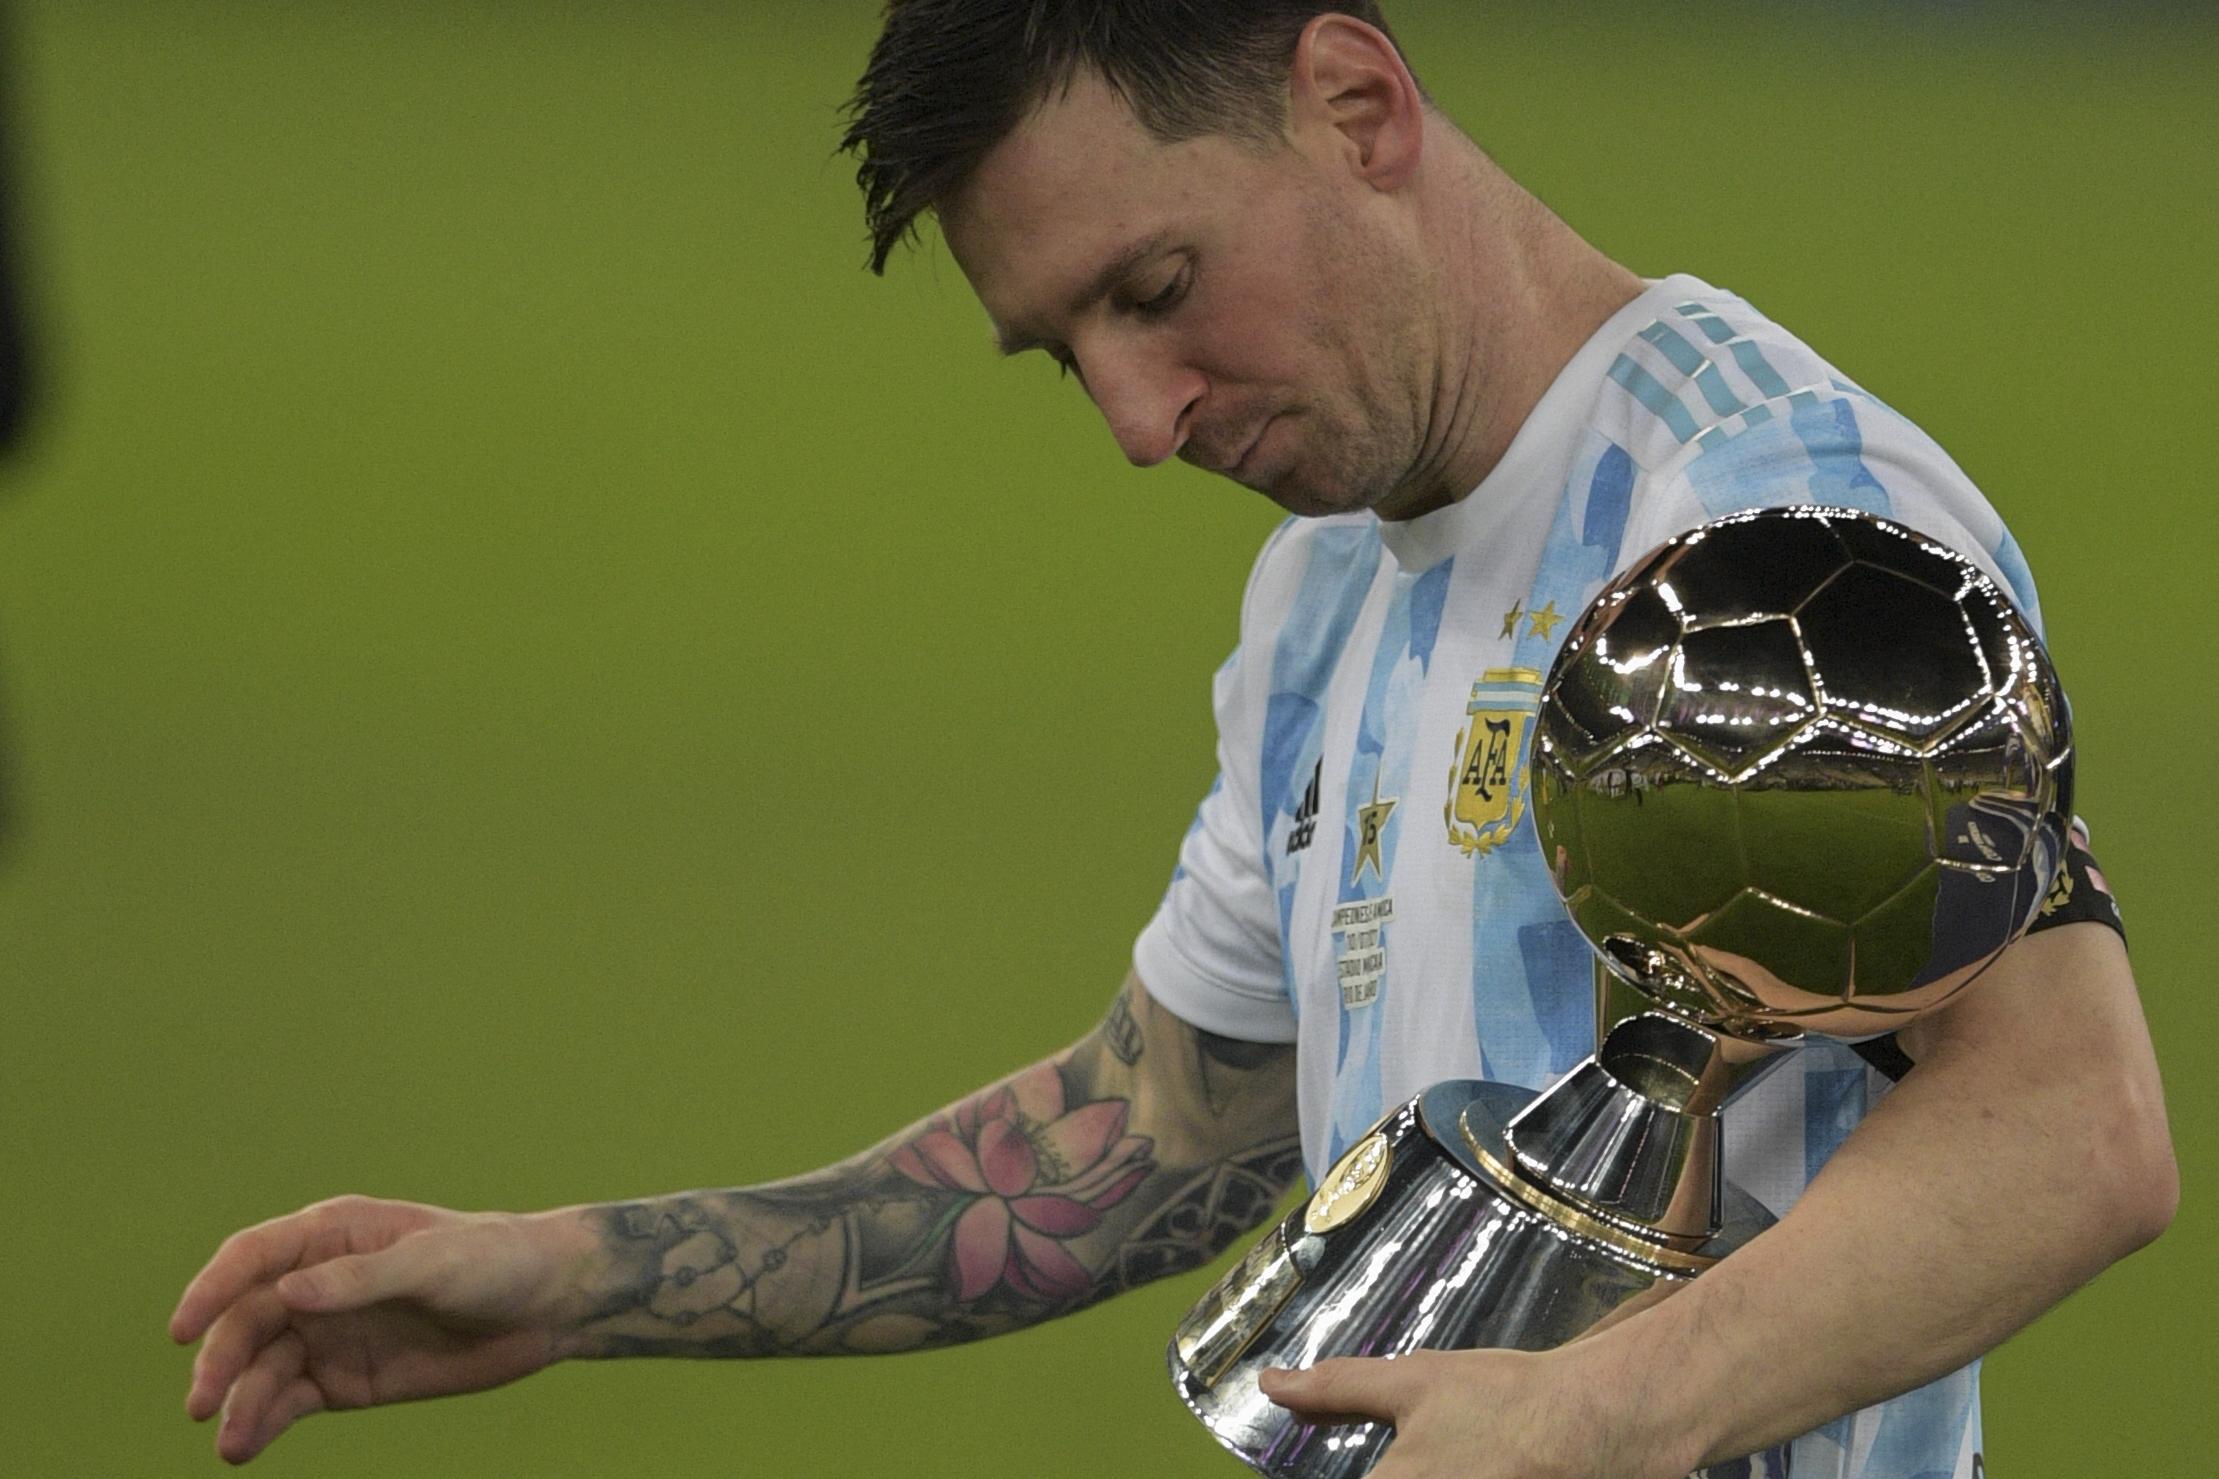 टूर्नामेंट के बेस्ट फुटबॉलर की ट्रॉफी के साथ लियोनल मेसी।